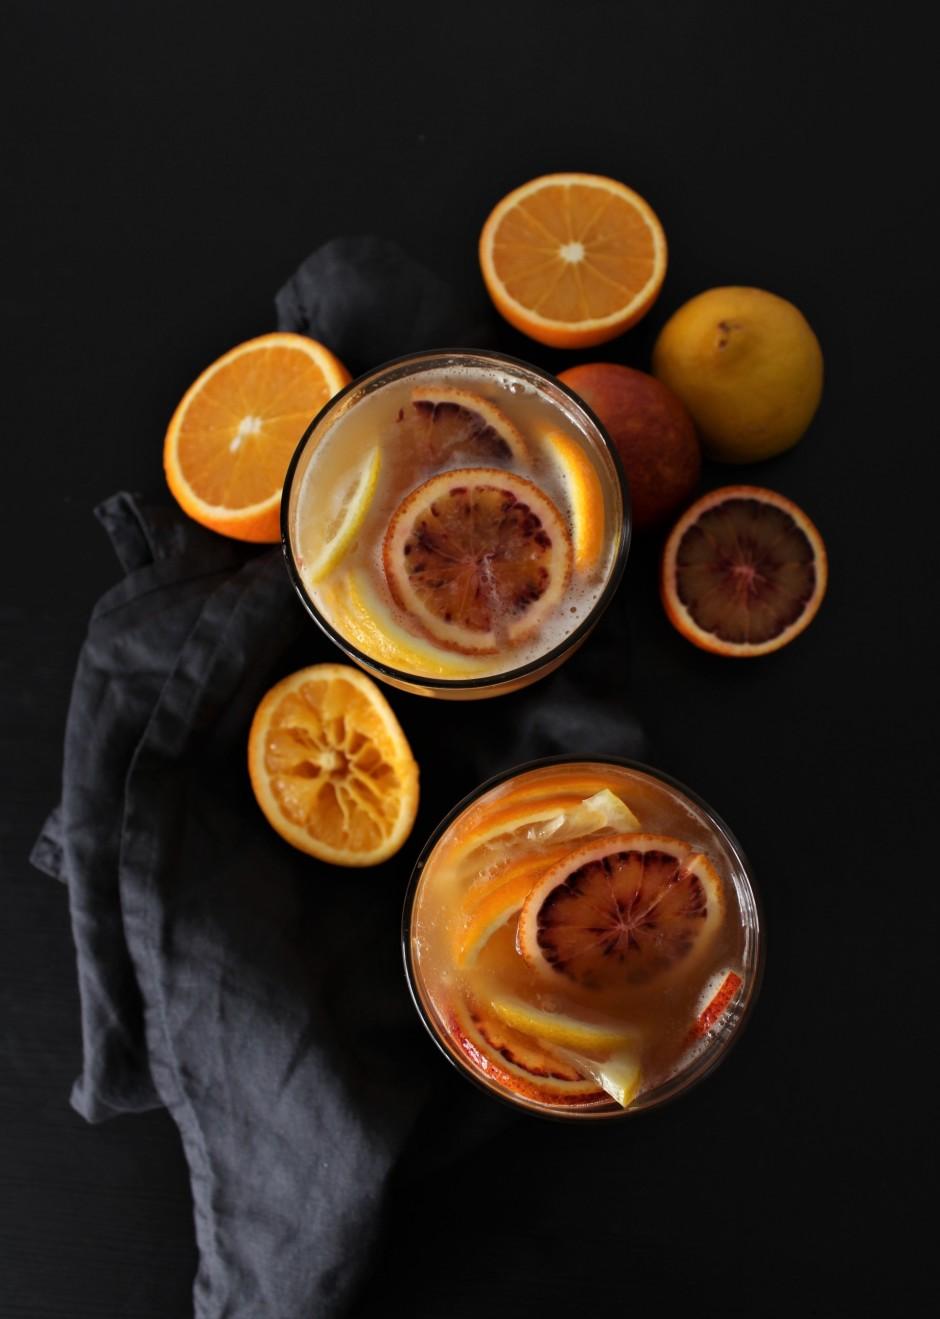 Pielej augļu sulu un pēc tam ingvera eilu. Rotā ar piparmētr...